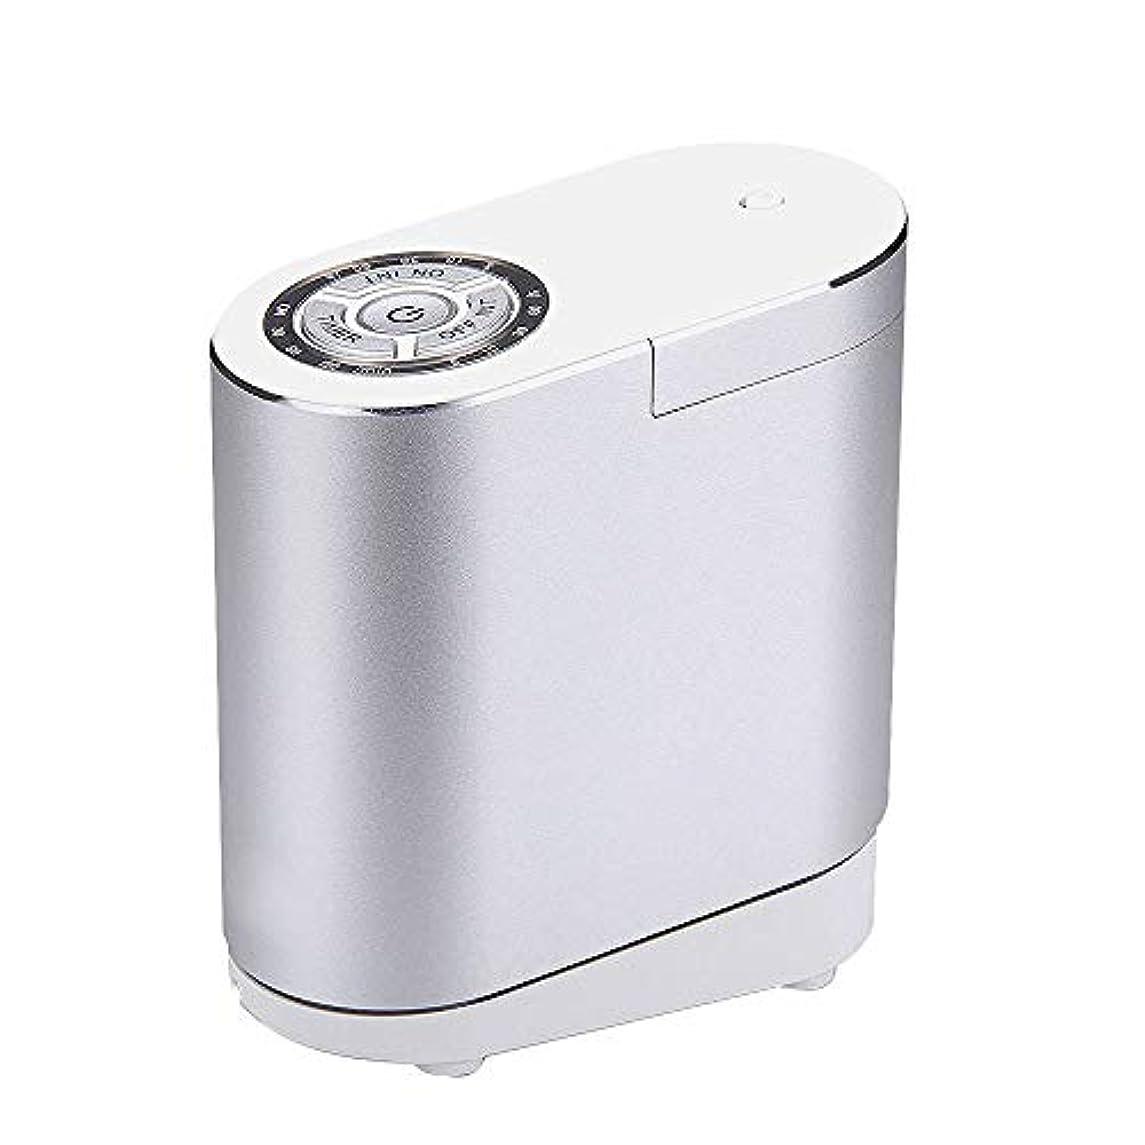 原油気味の悪いどうやら精油の拡散器、総本店の寝室部屋のための携帯用超音波拡散器の涼しい霧の加湿器,silver30ML